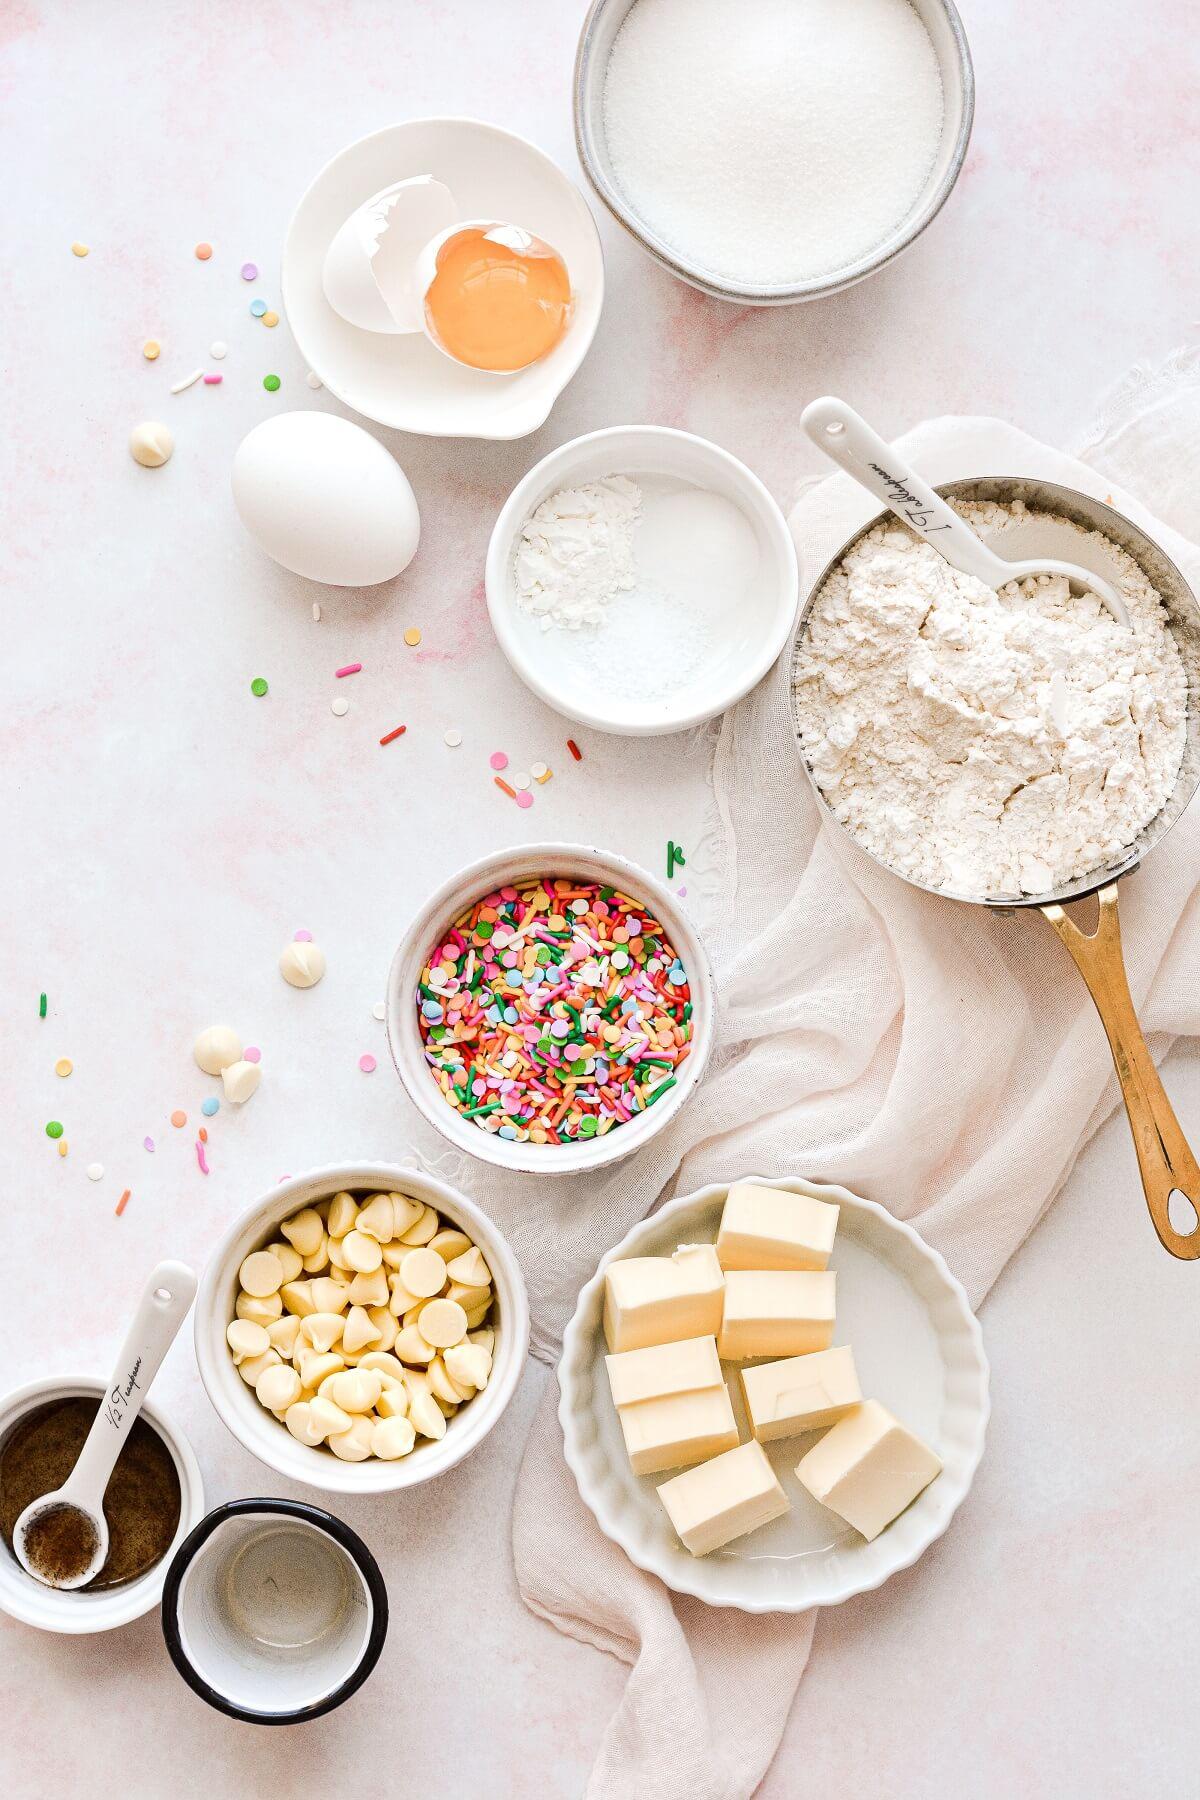 Ingredients for making sprinkles cookies.